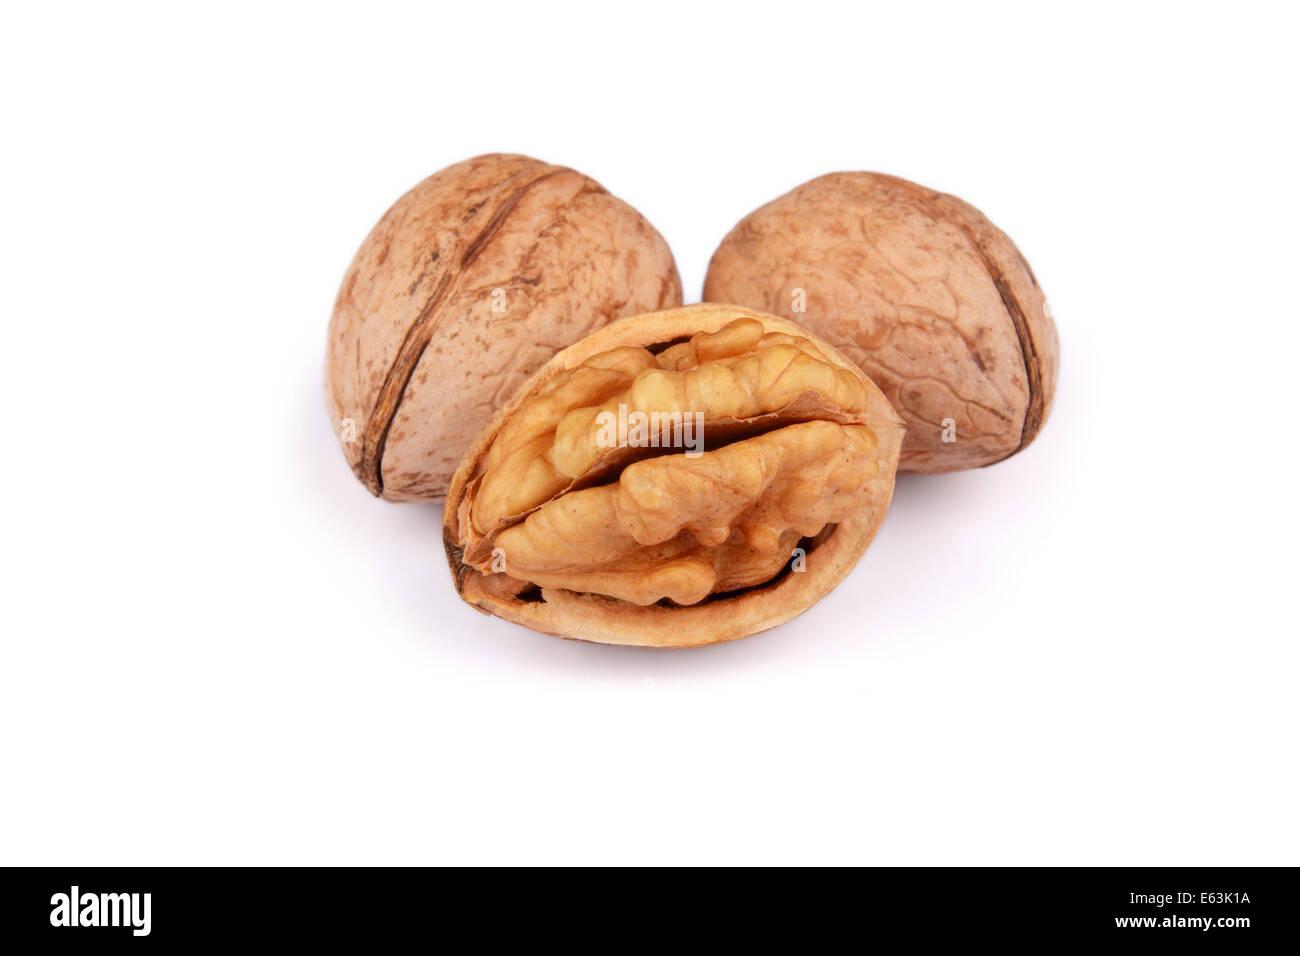 Cracked and not cracked Walnut group isolated on white background - Stock Image